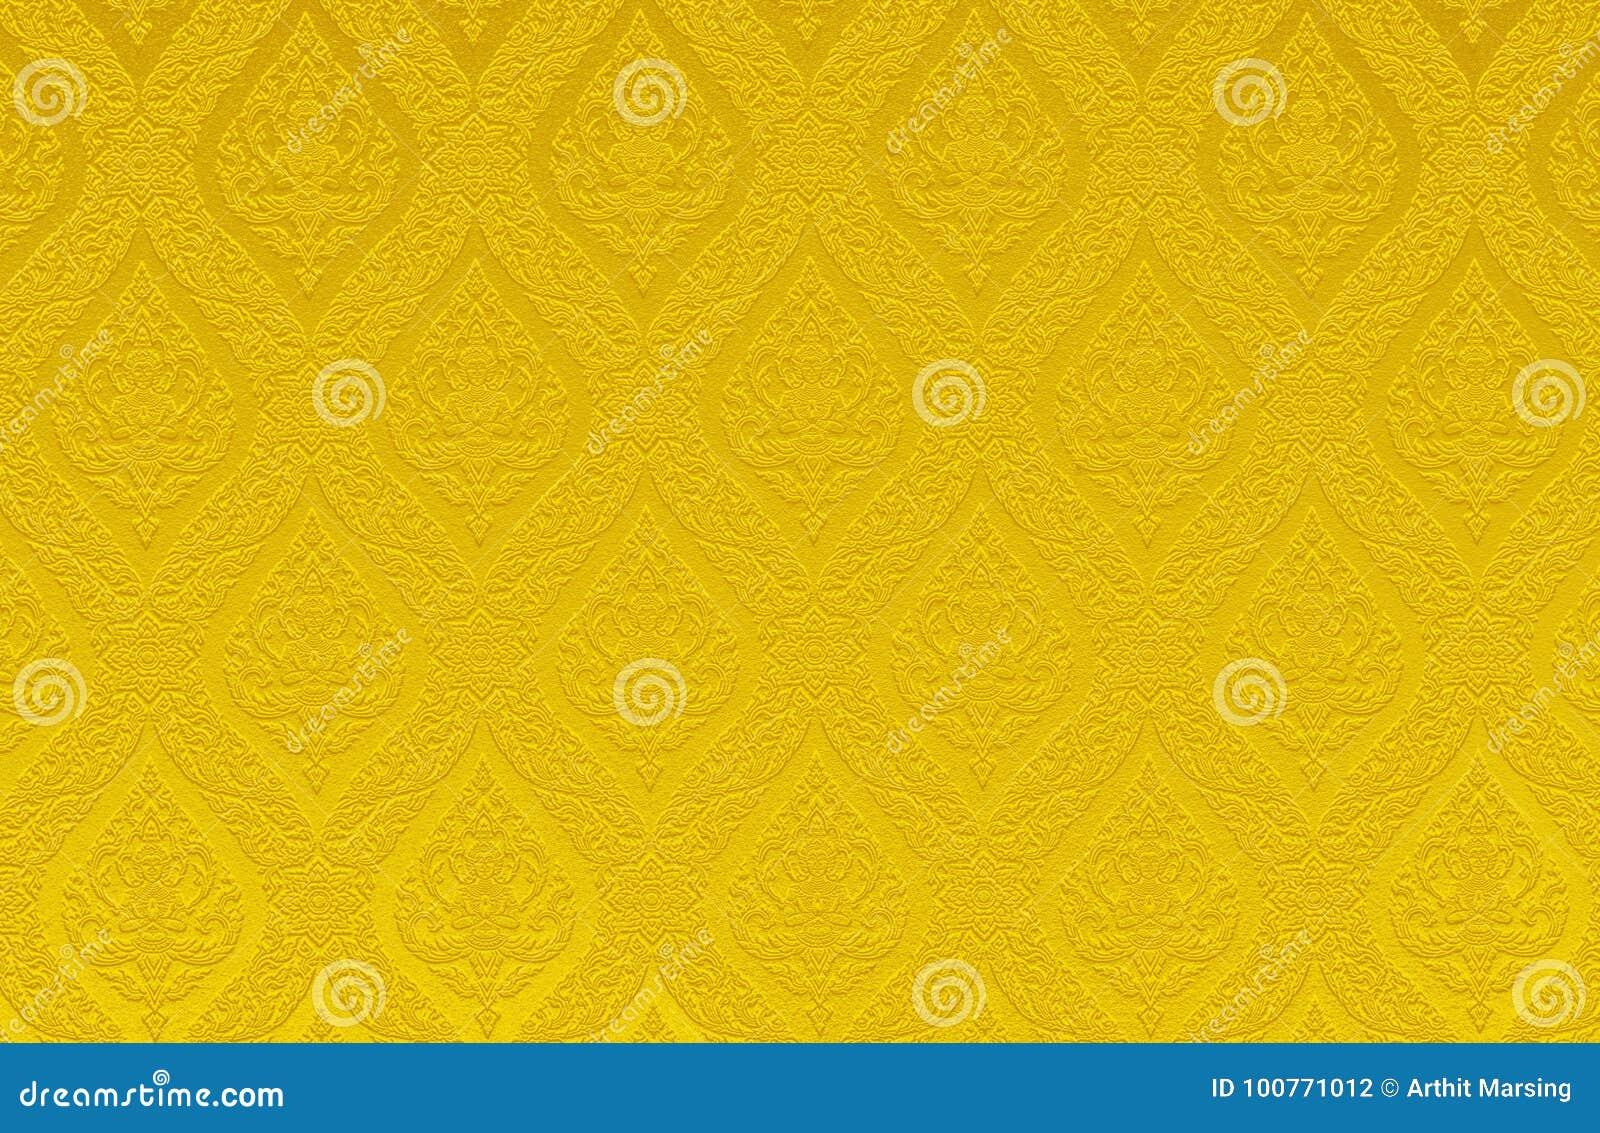 Złocistego kolor tekstury wzoru abstrakcjonistyczny tło może być use jako ściennego papieru parawanowego ciułacza broszurki okład